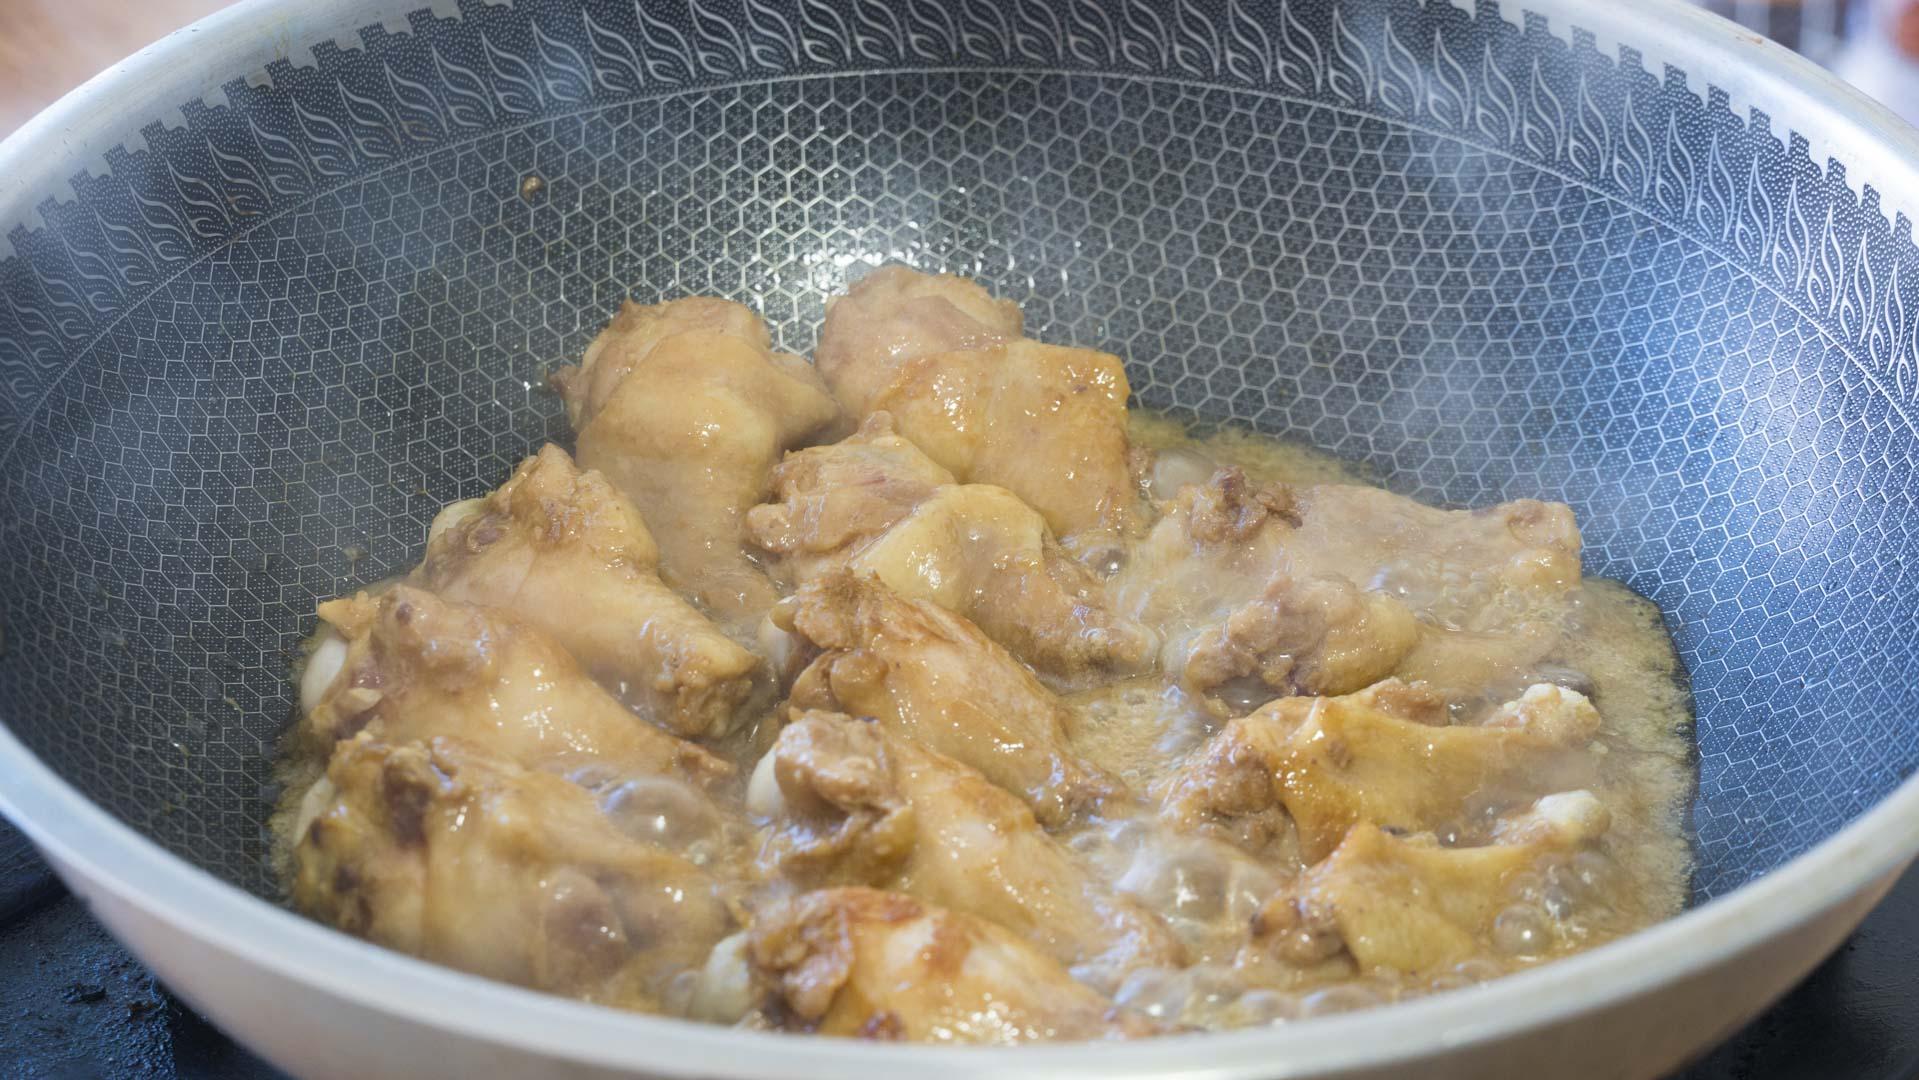 雞腿這麼做才真解饞,鮮嫩多汁,軟爛入味,一鍋12個雞腿不夠吃